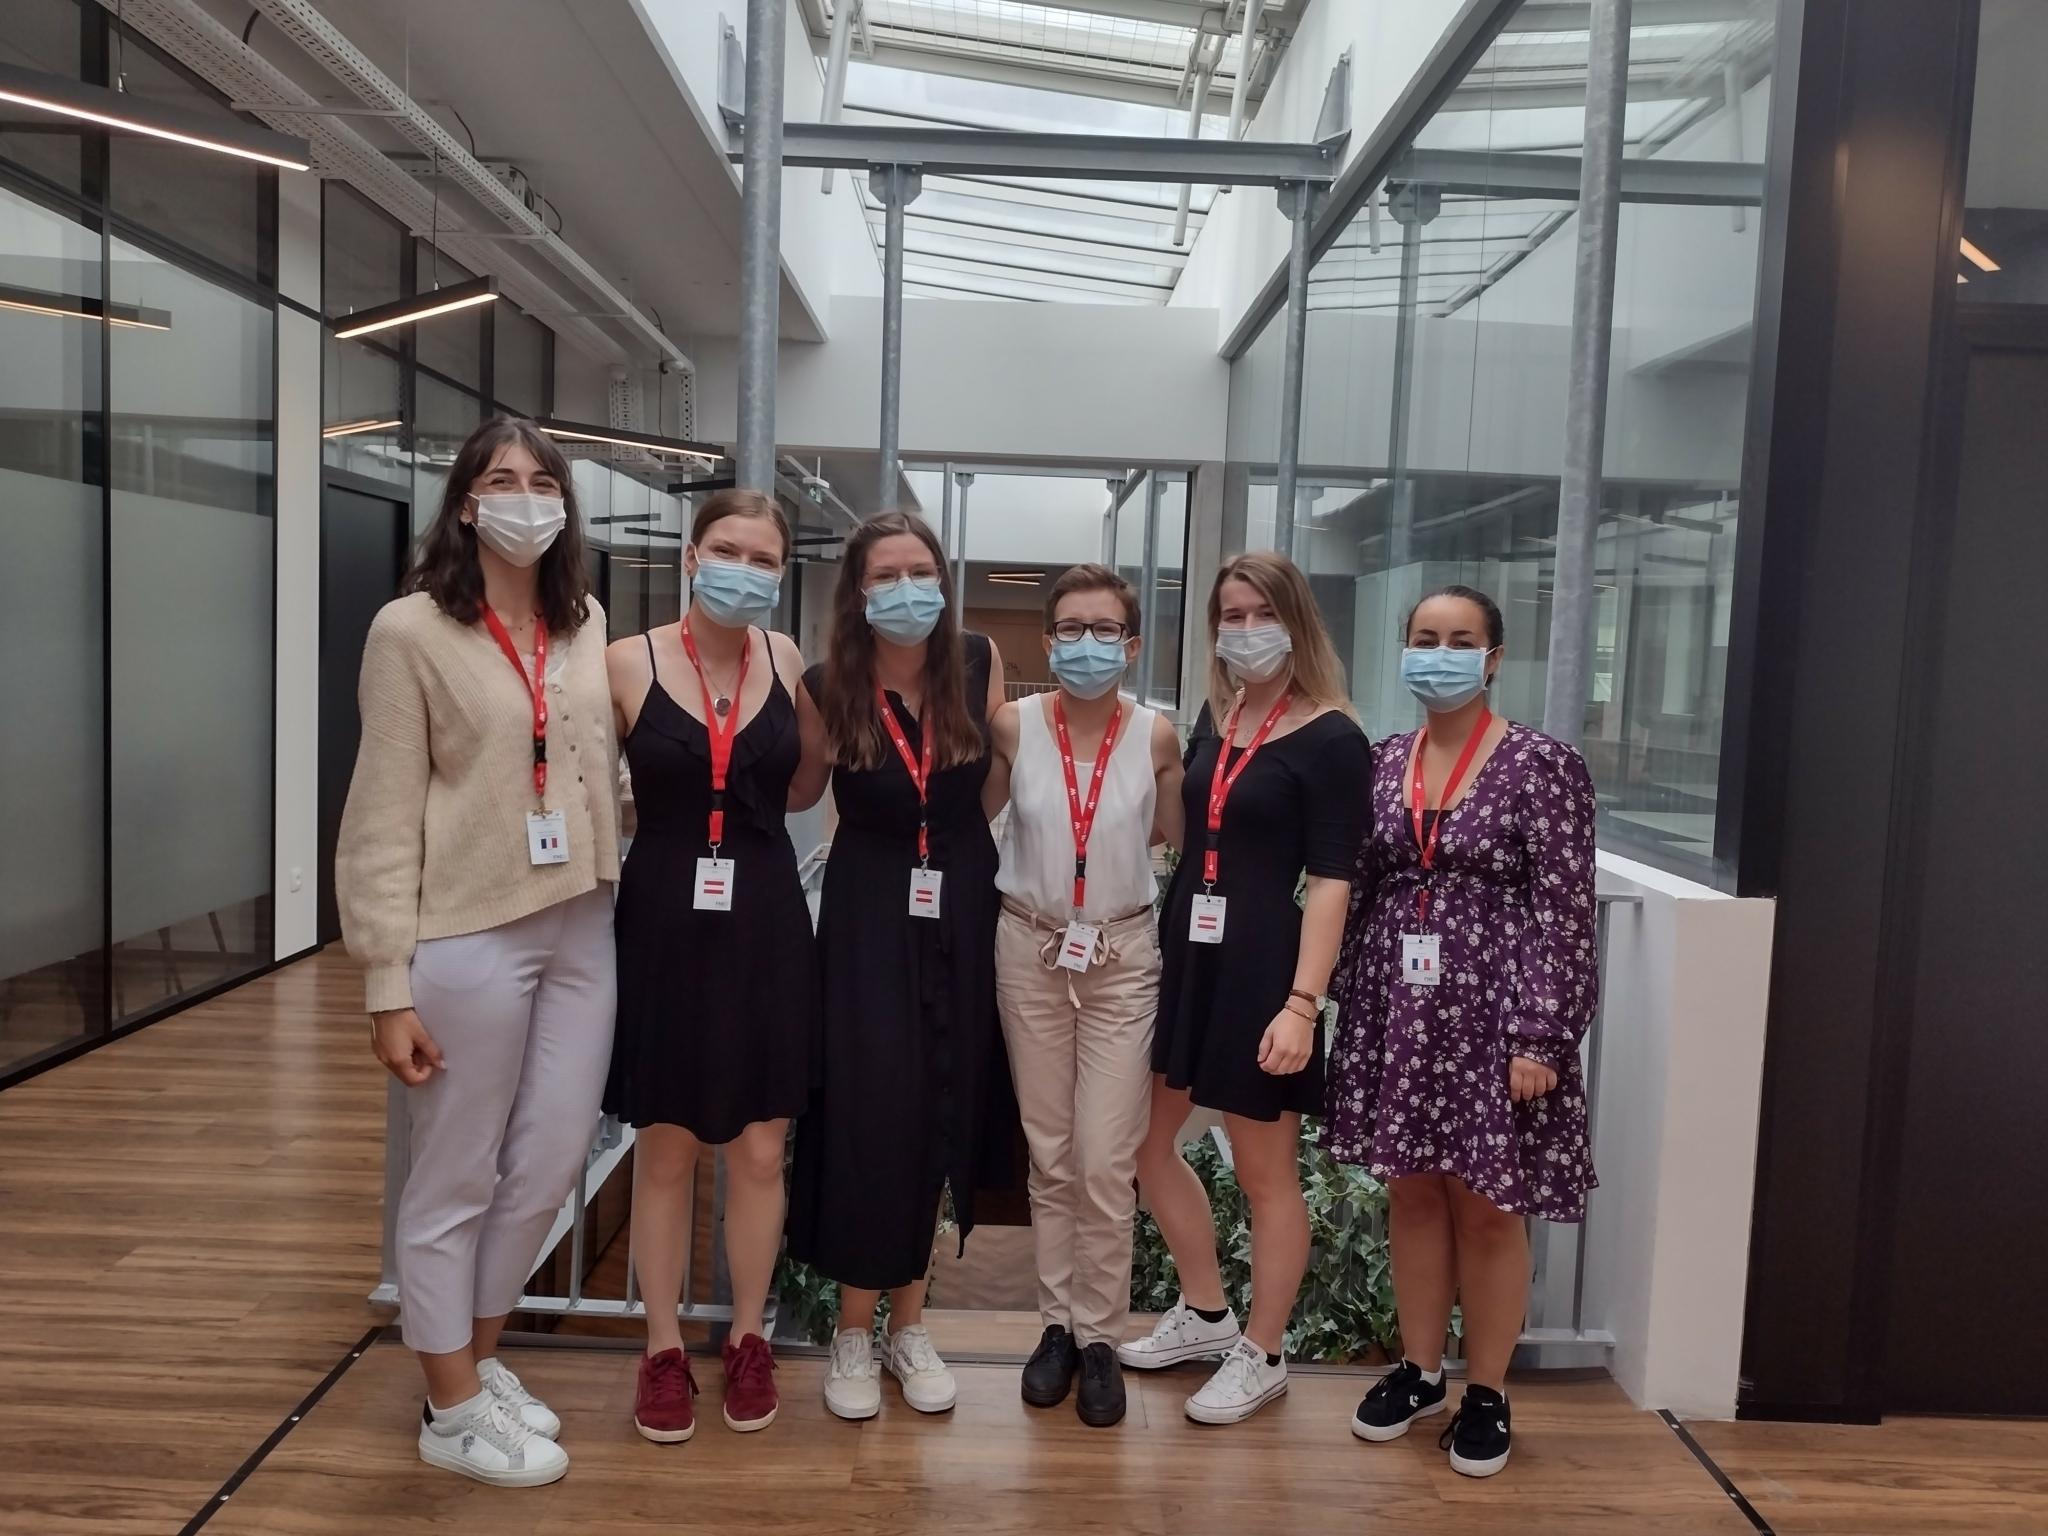 Die französischen Gastgeber*innen mit den Logopädie Studierenden der FH Gesundheitsberufe OÖ  (vergrößerete Ansicht in der Galerie)